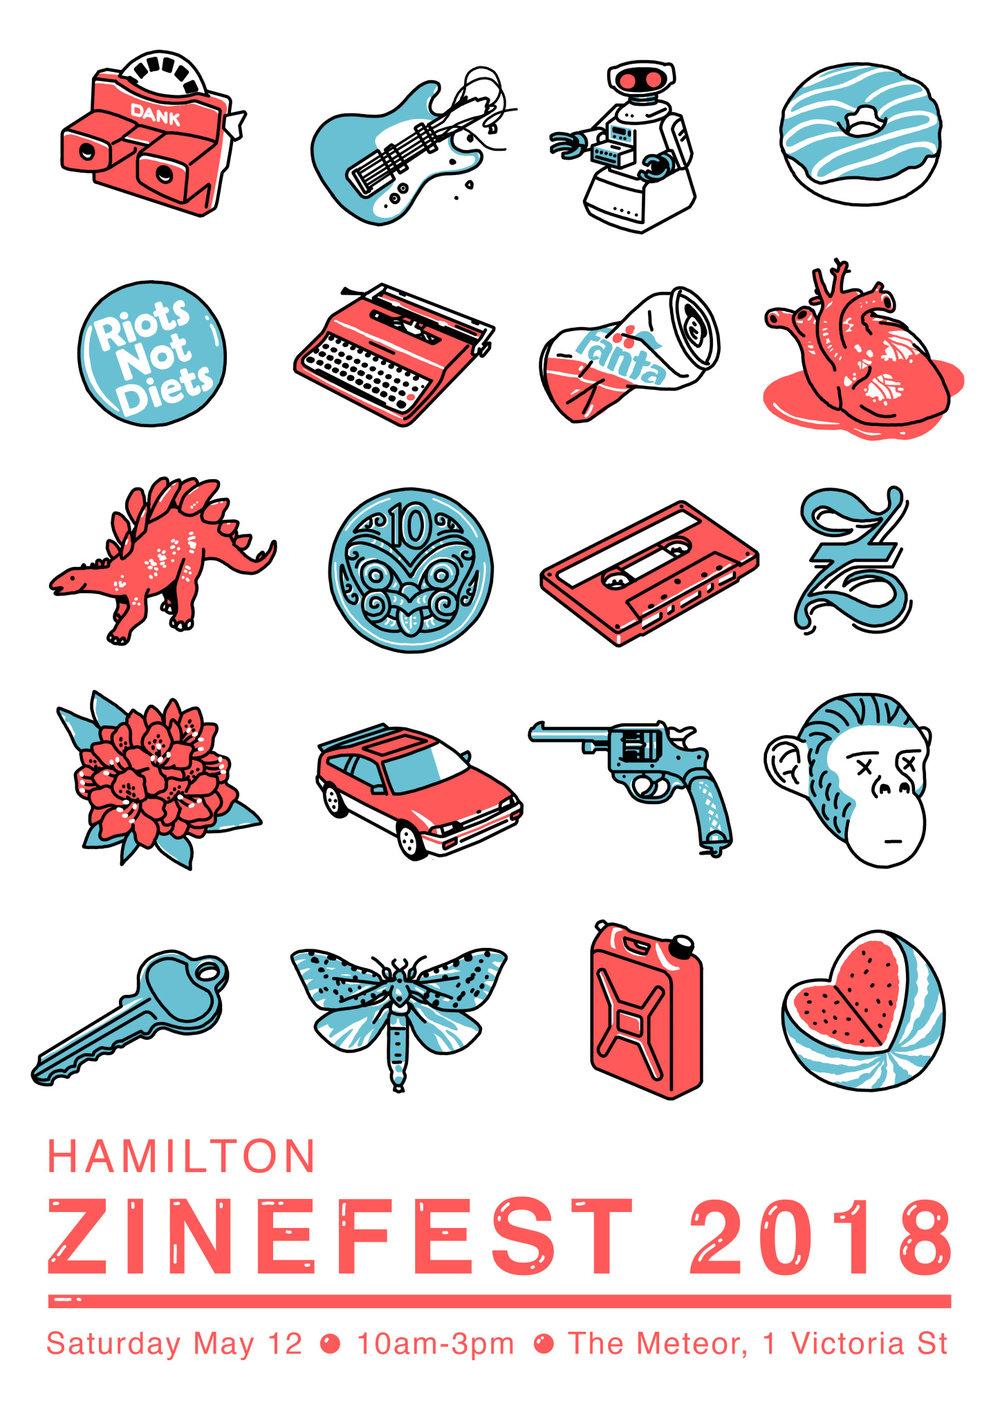 Image courtesy of Hamilton Zinefest